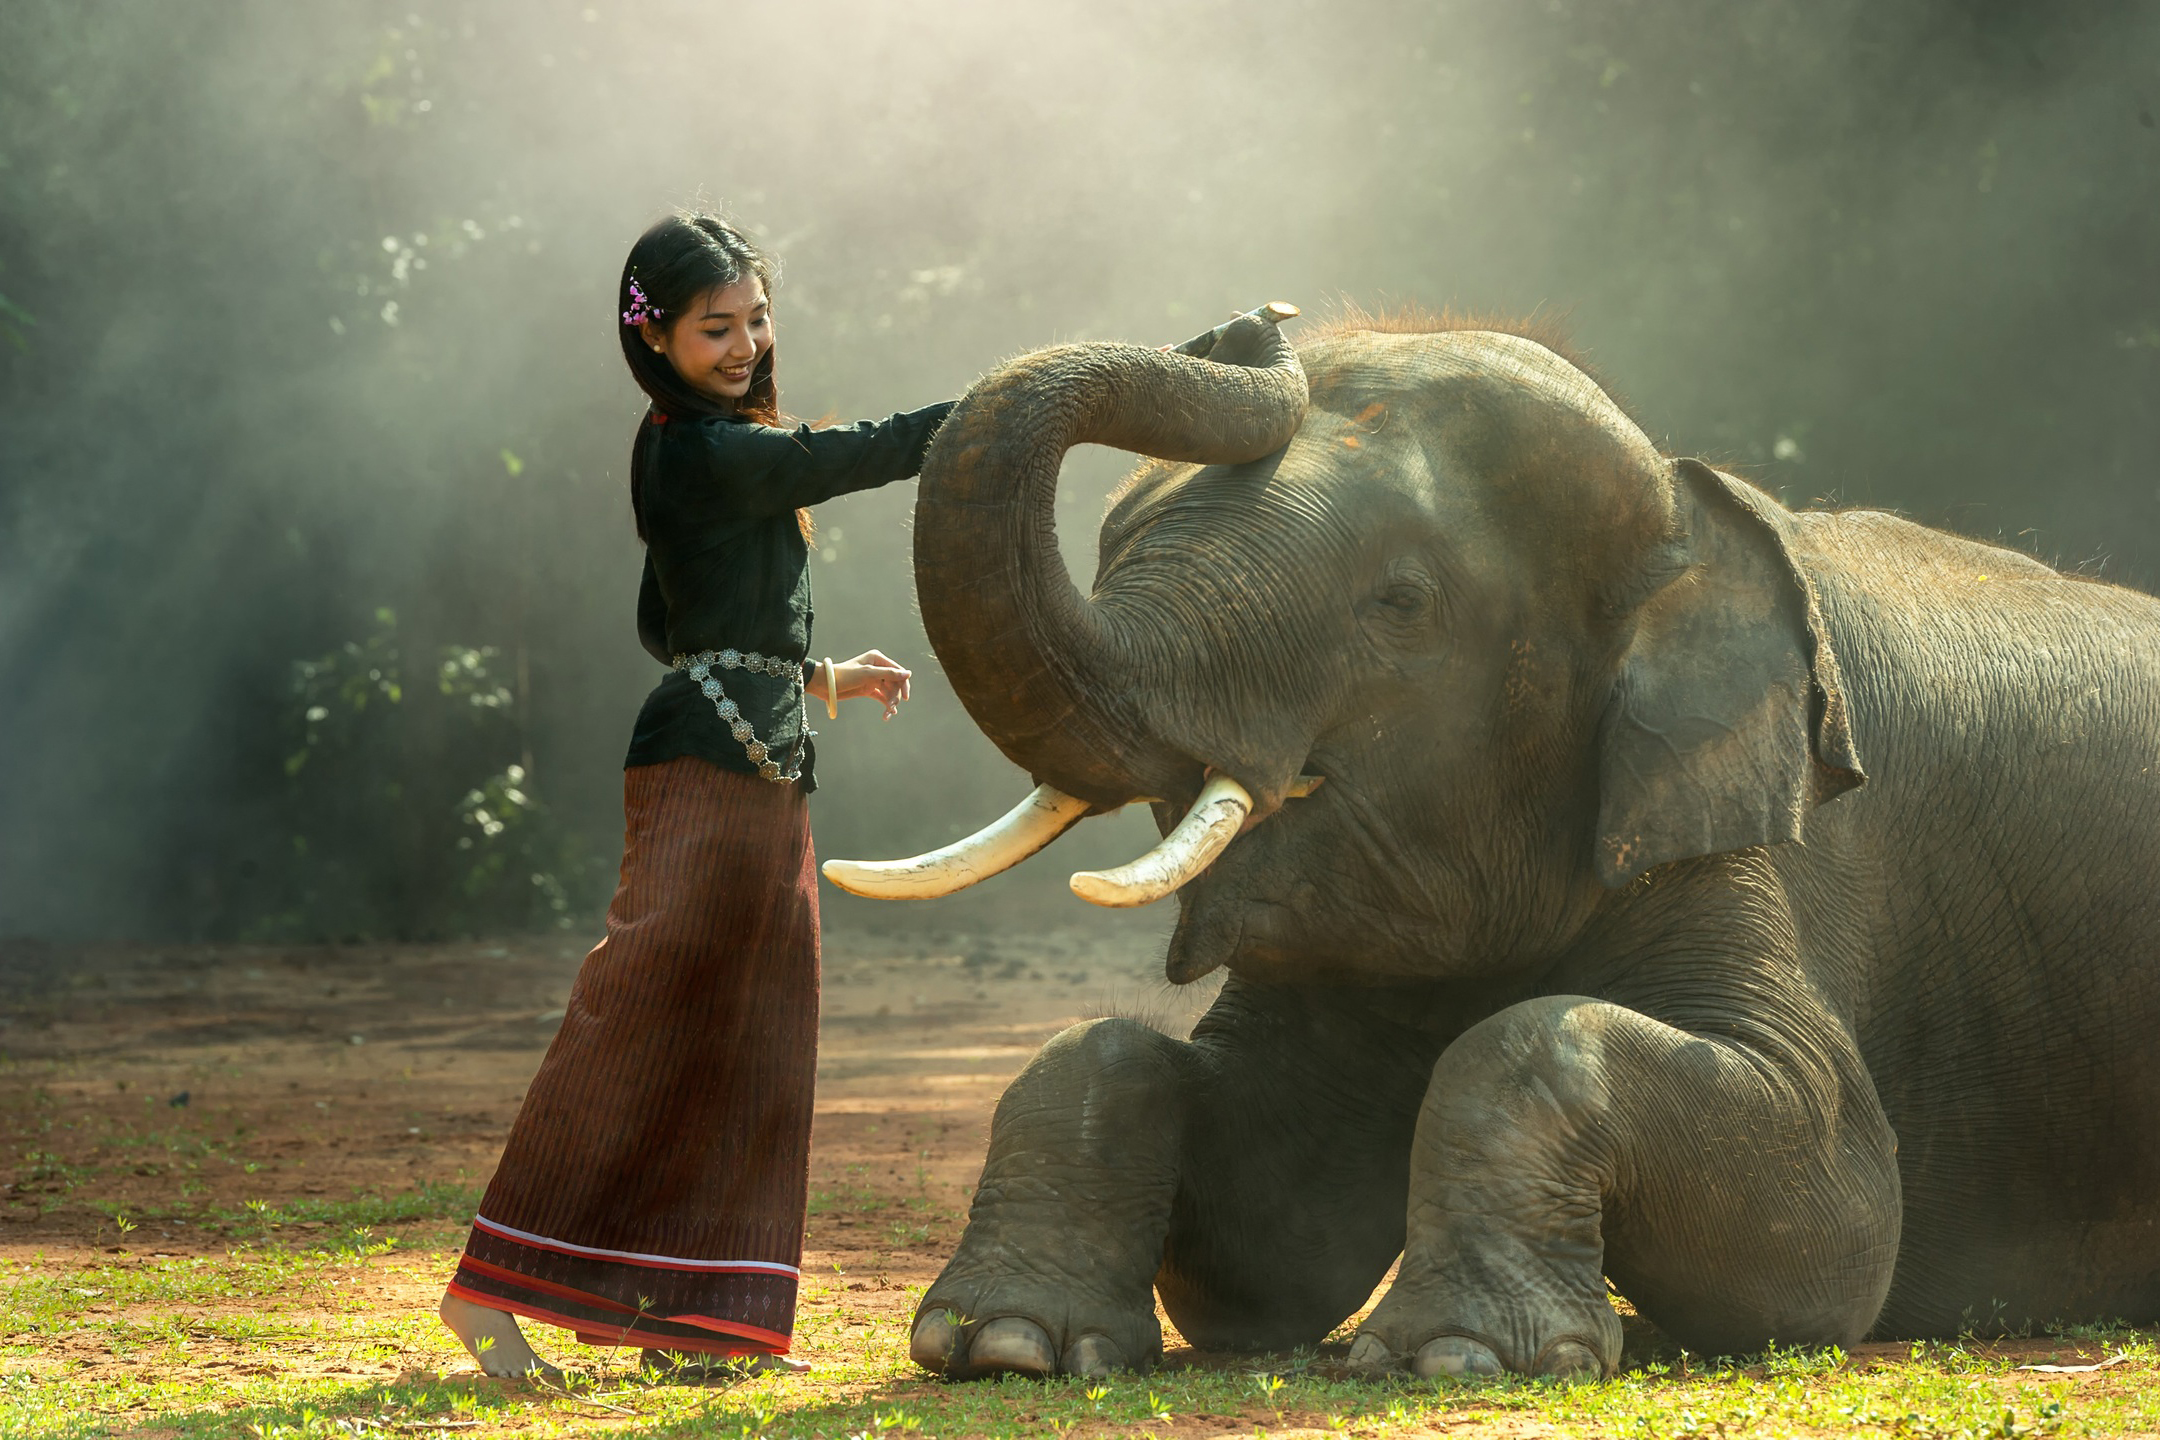 Continente de Asia - Camboya - ASIVIAJOMujer tocando elefante en camboya